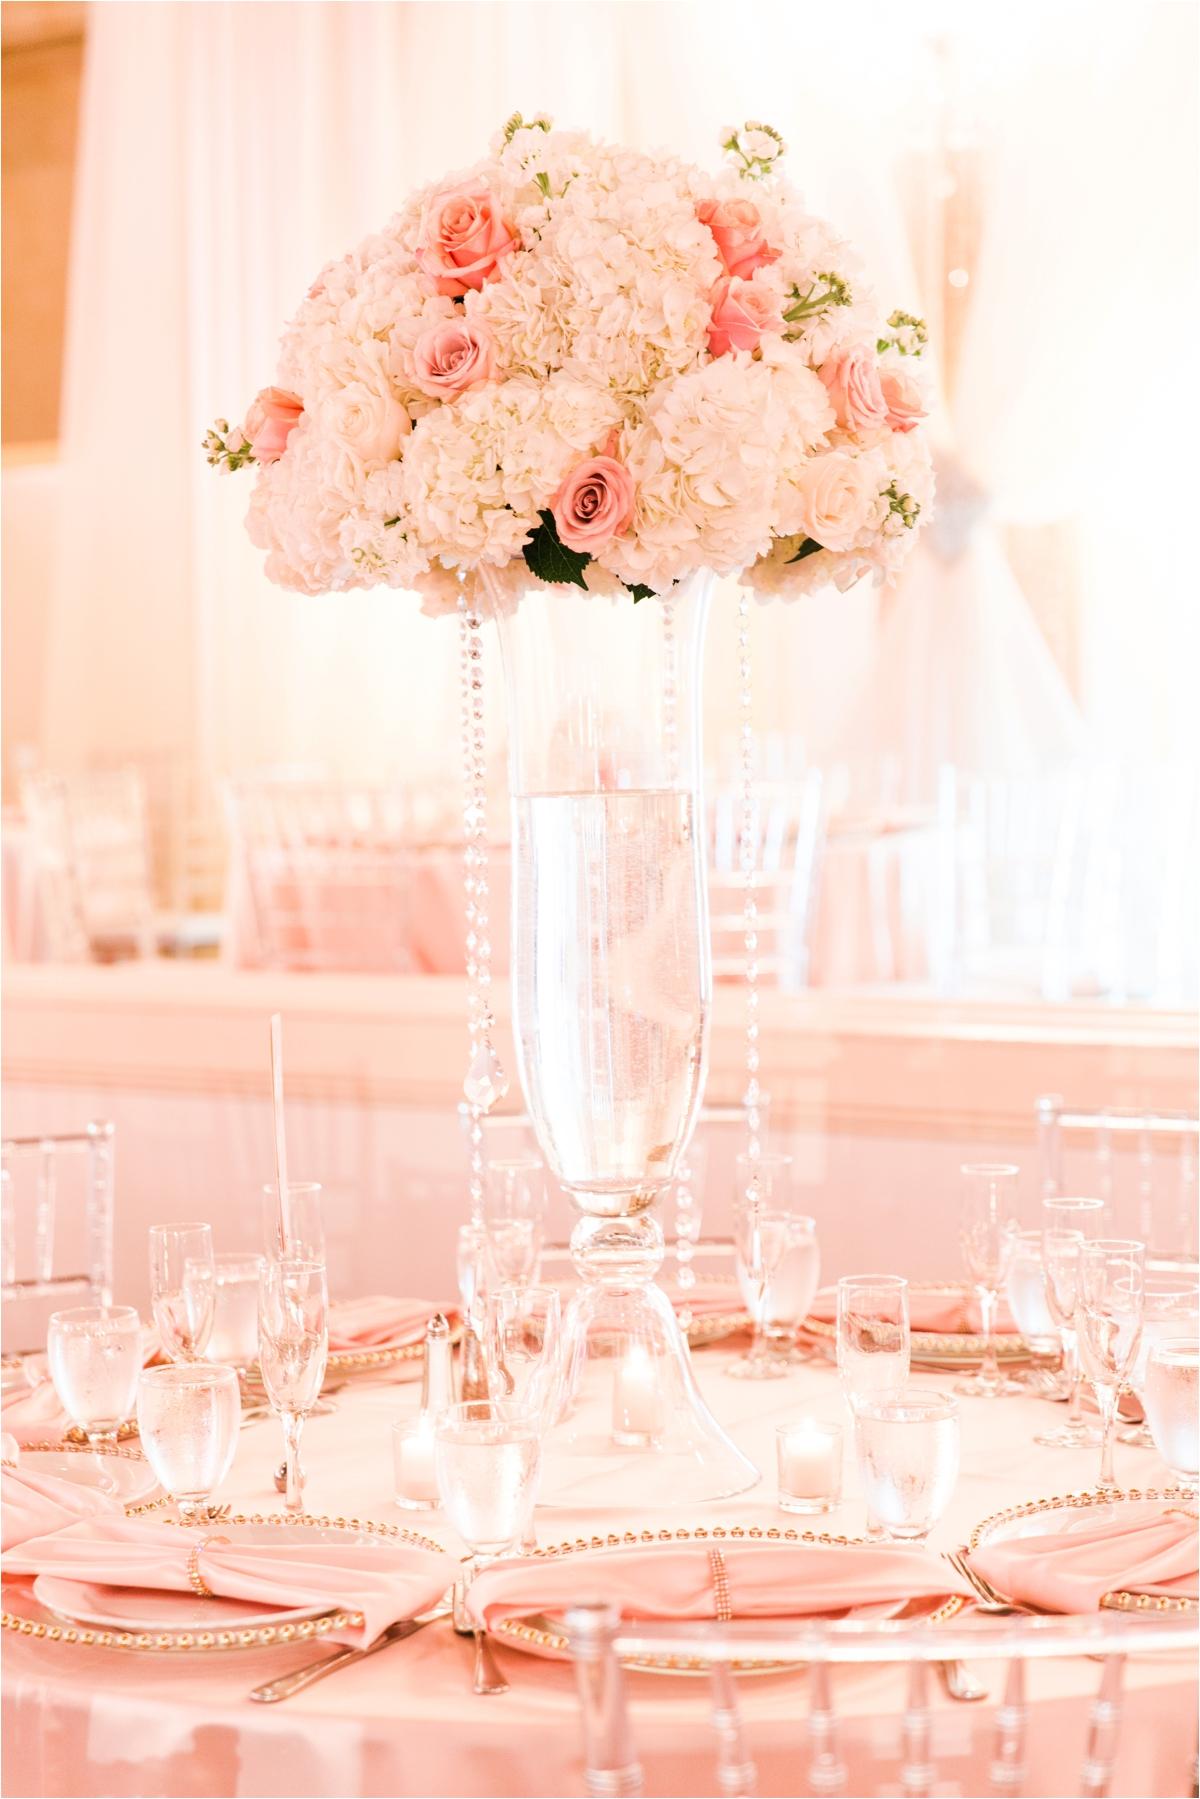 Corinthian Event Center Wedding photos by Briana Calderon Photography_0479.jpg